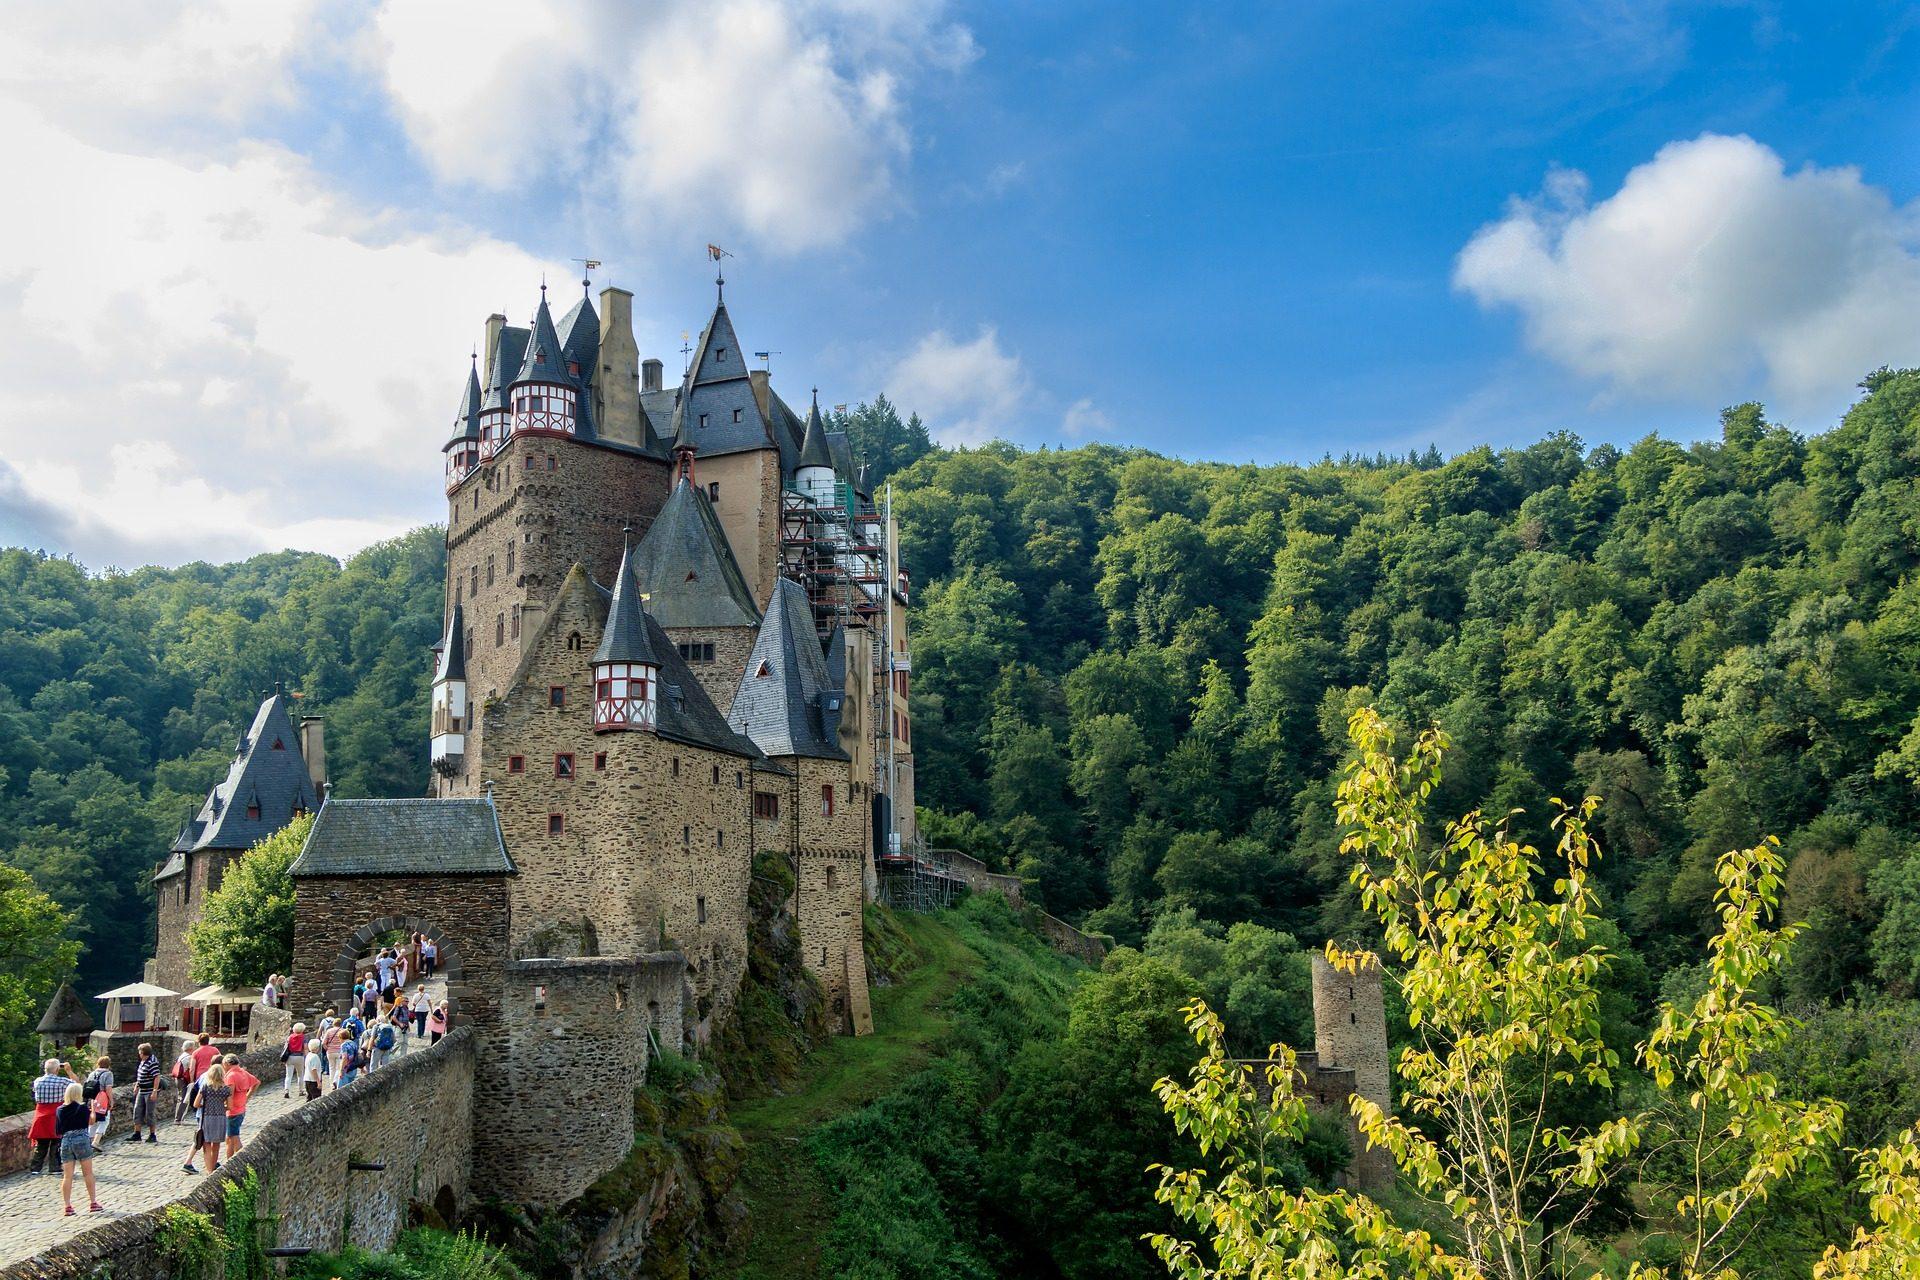 Castelo, Fortaleza, floresta, árvores, Castelo eltz, Alemanha - Papéis de parede HD - Professor-falken.com